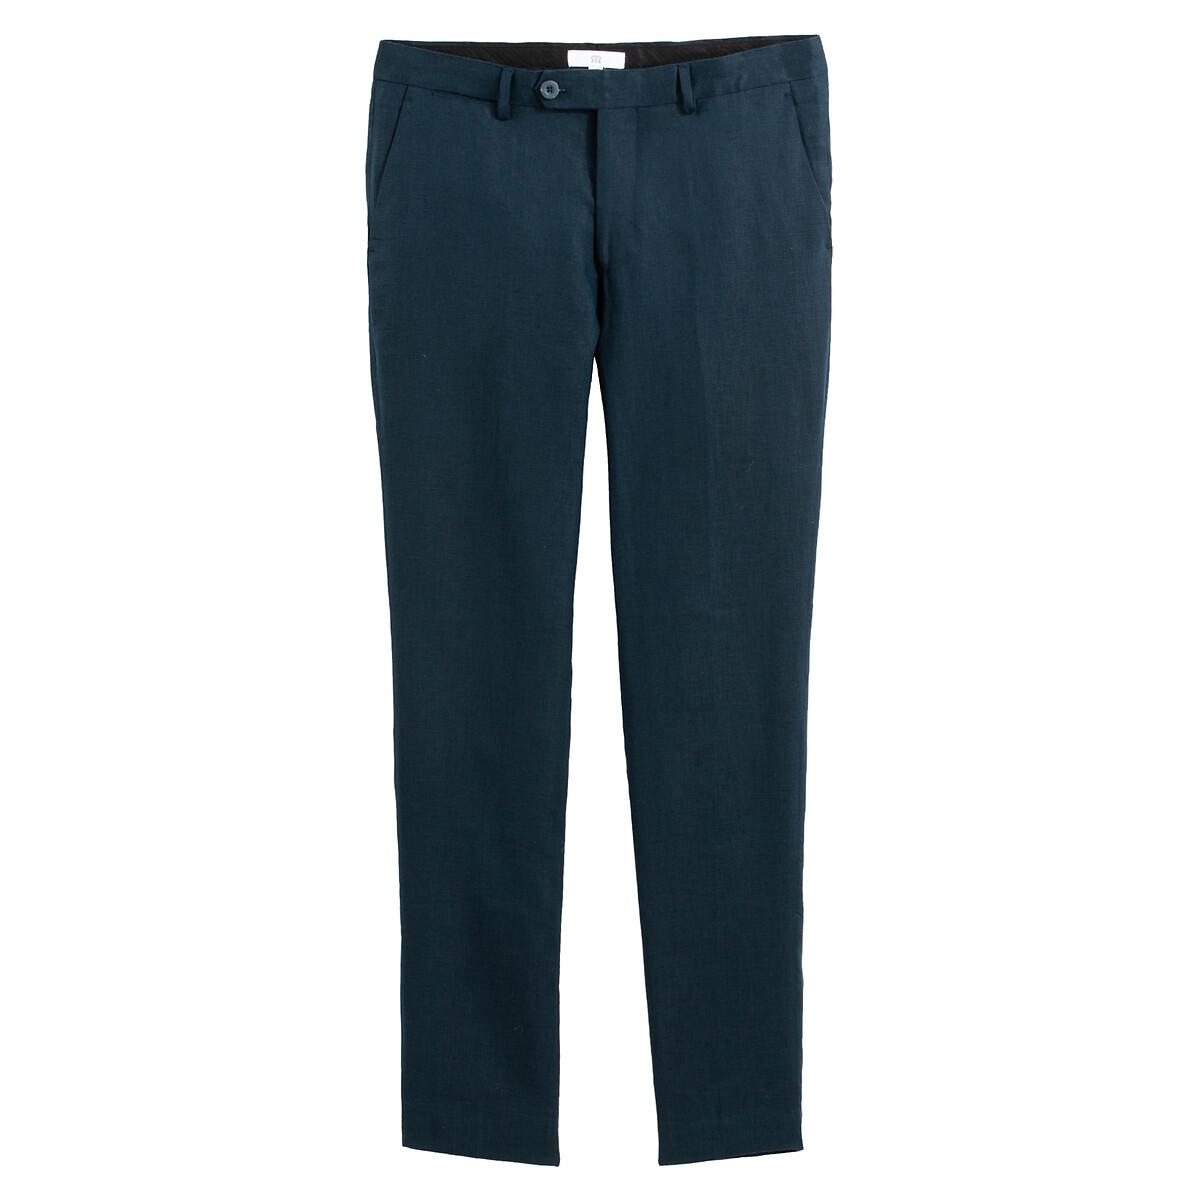 Брюки La Redoute Прямые из льна 42 (FR) - 48 (RUS) синий брюки la redoute веретенообразные из струящейся ткани 48 fr 54 rus синий